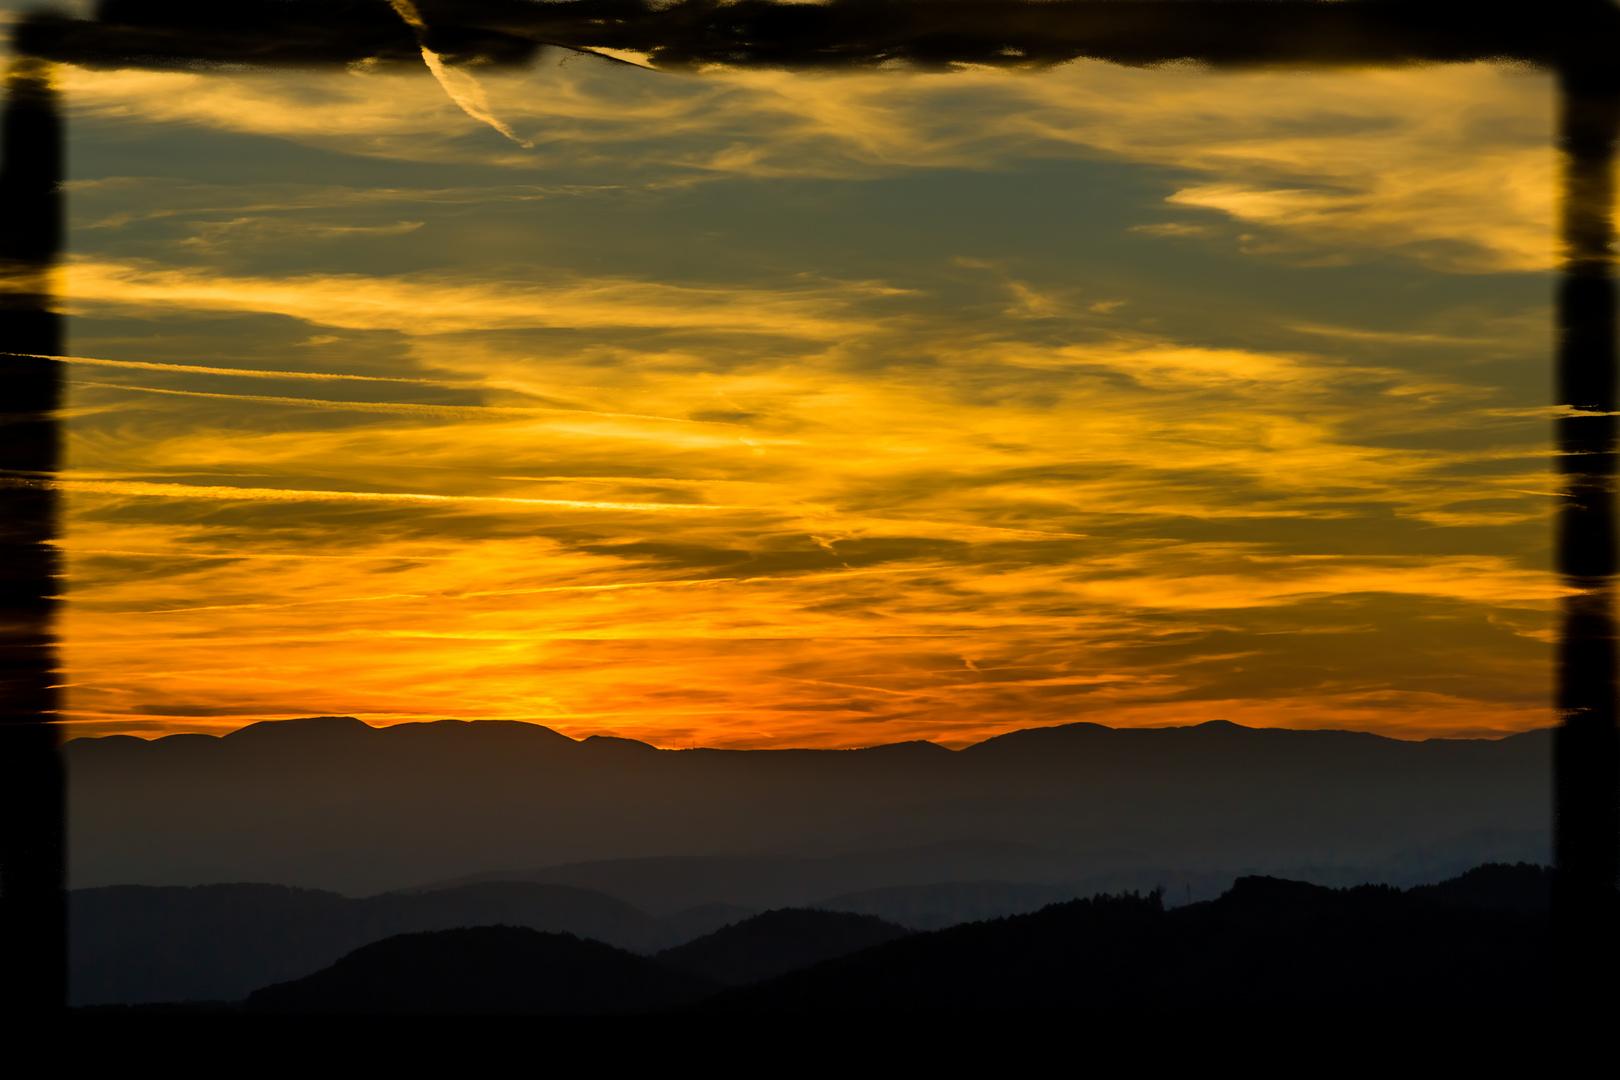 Sunset im weststeirischen Hügelland